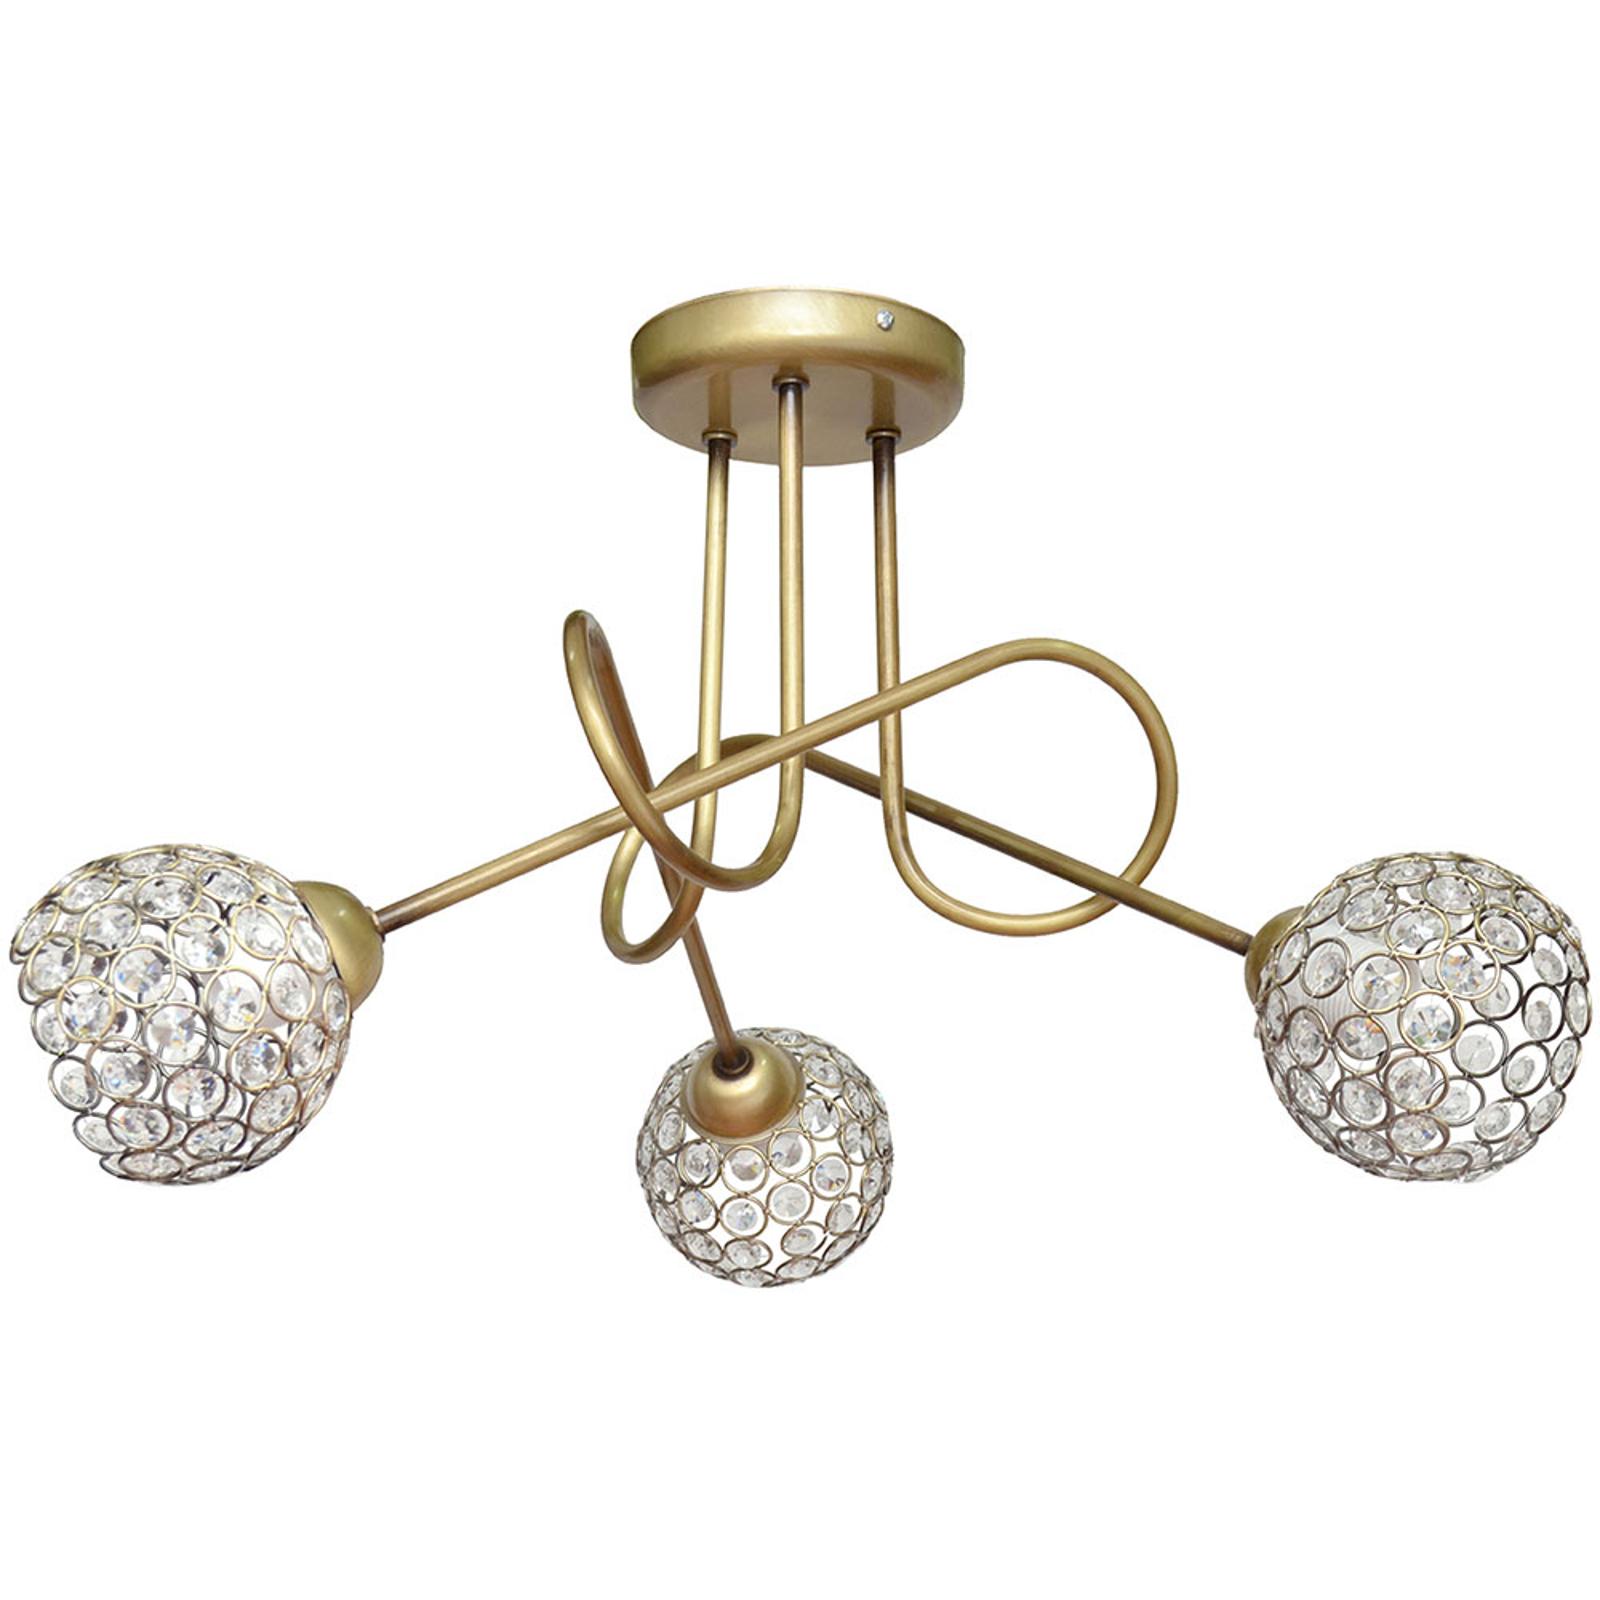 Plafonnier Oxford en doré avec cristaux à 3 lampes